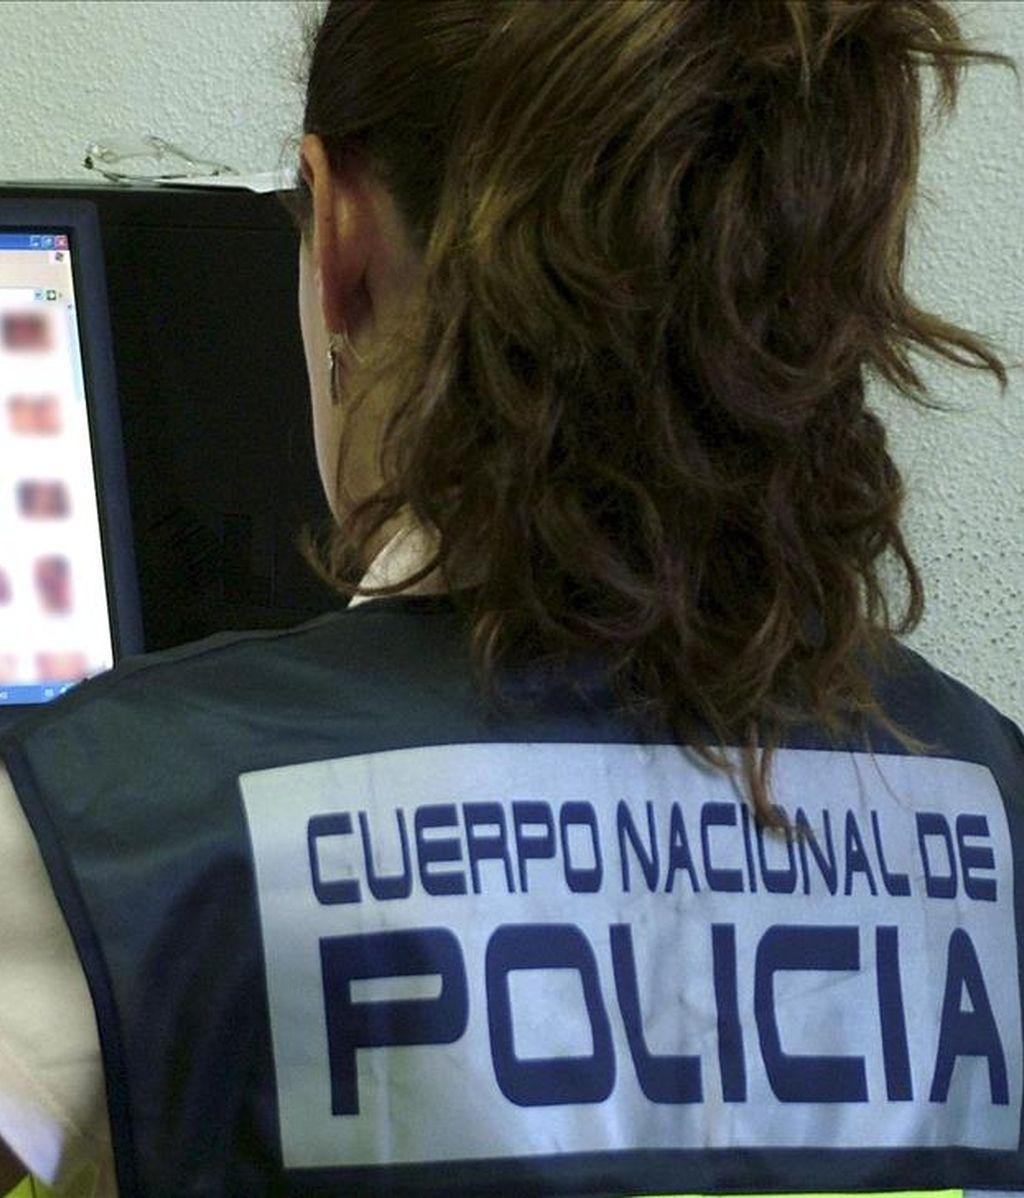 Una policía durante una investigación. EFE/Archivo